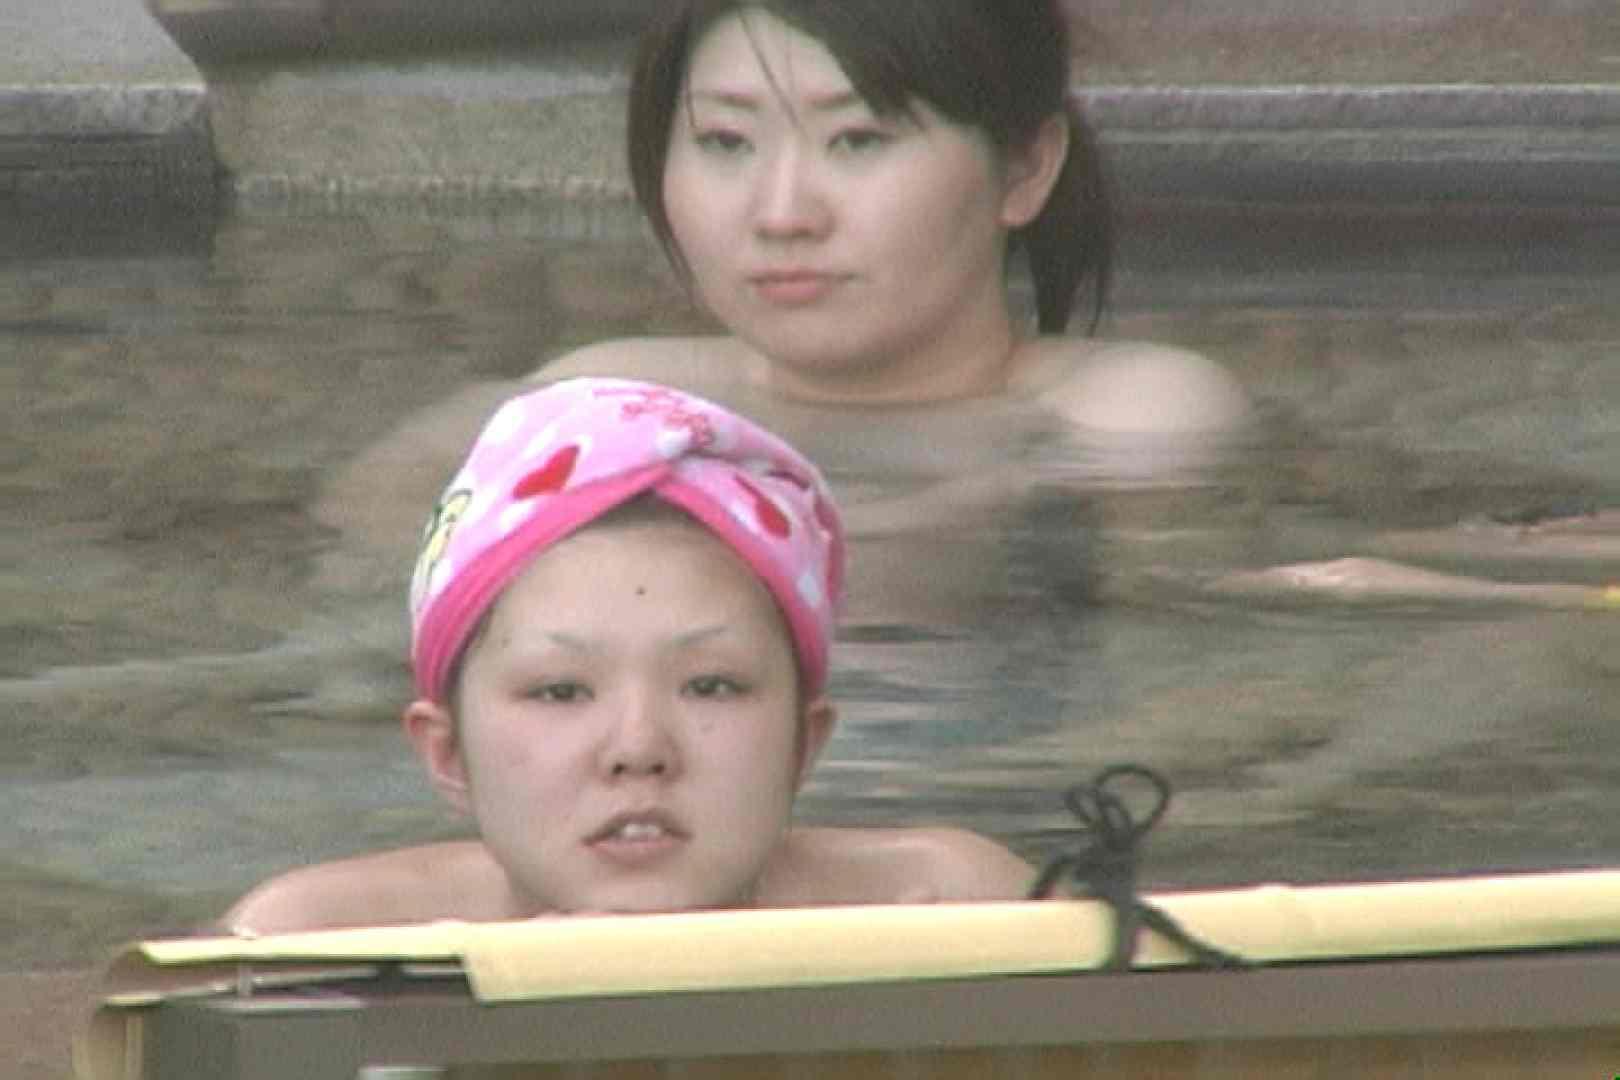 Aquaな露天風呂Vol.25 露天   盗撮特集  106画像 61